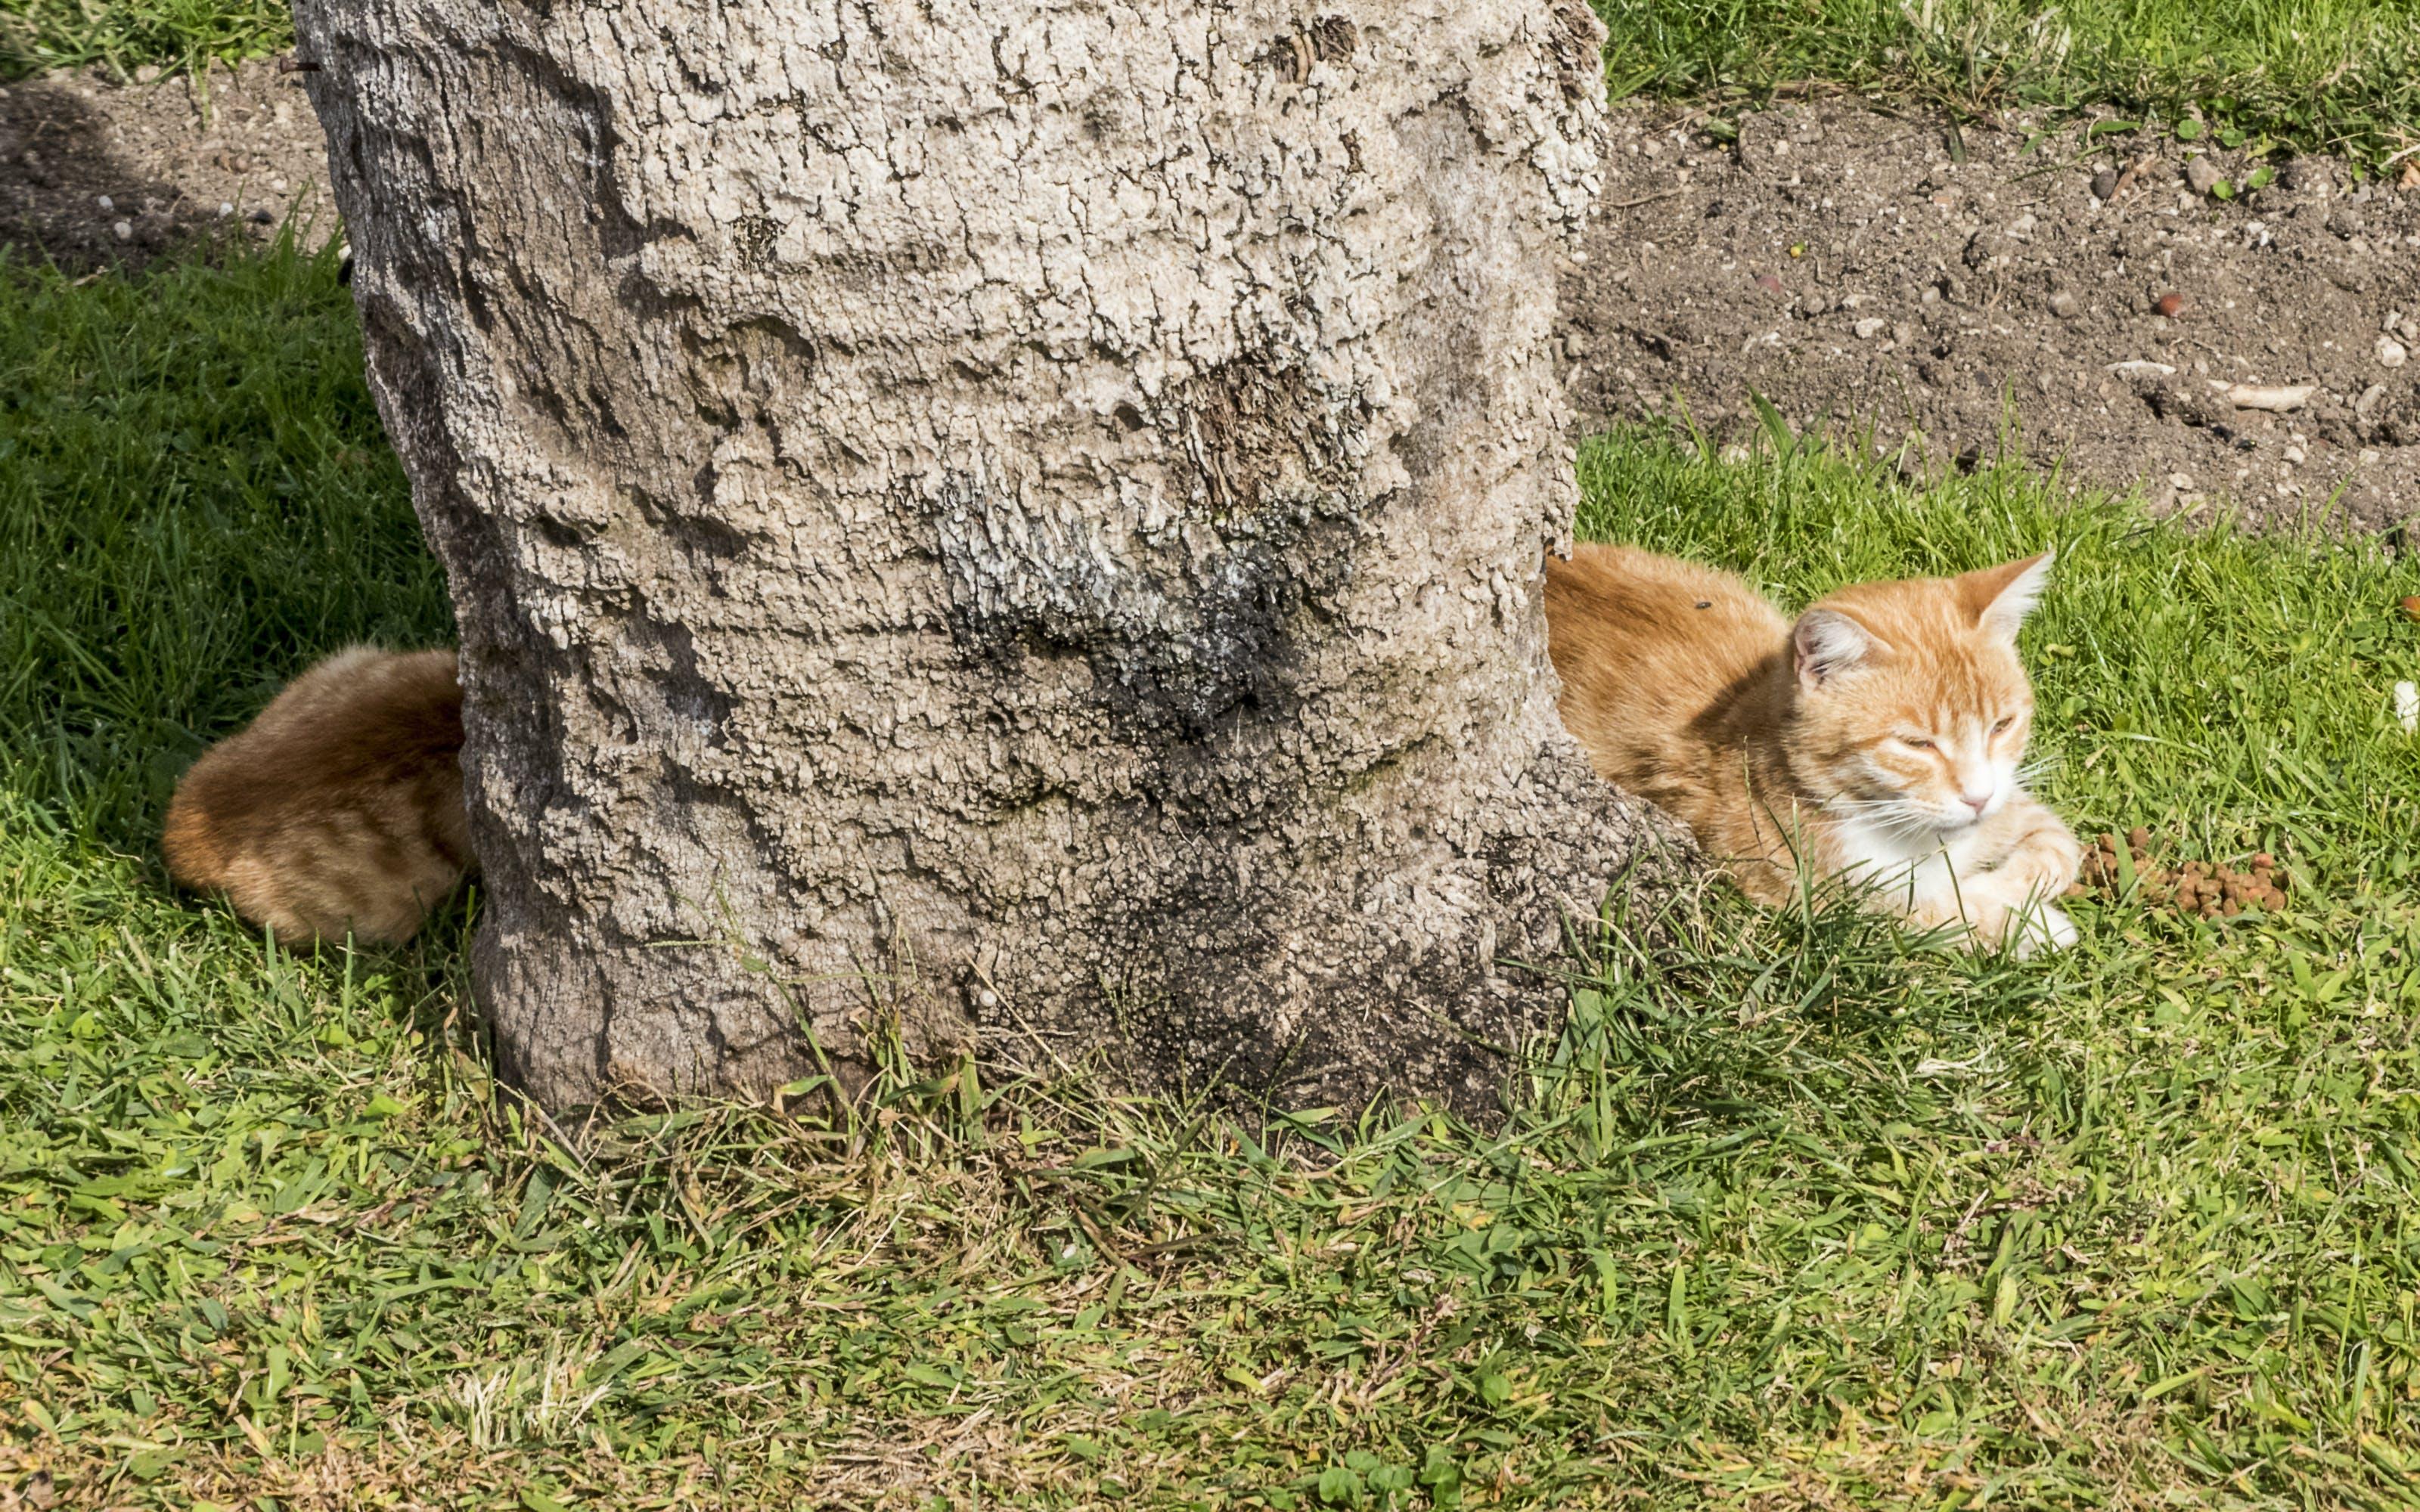 Δωρεάν στοκ φωτογραφιών με Γάτα, μακρύ σώμα, οφθαλμαπάτη